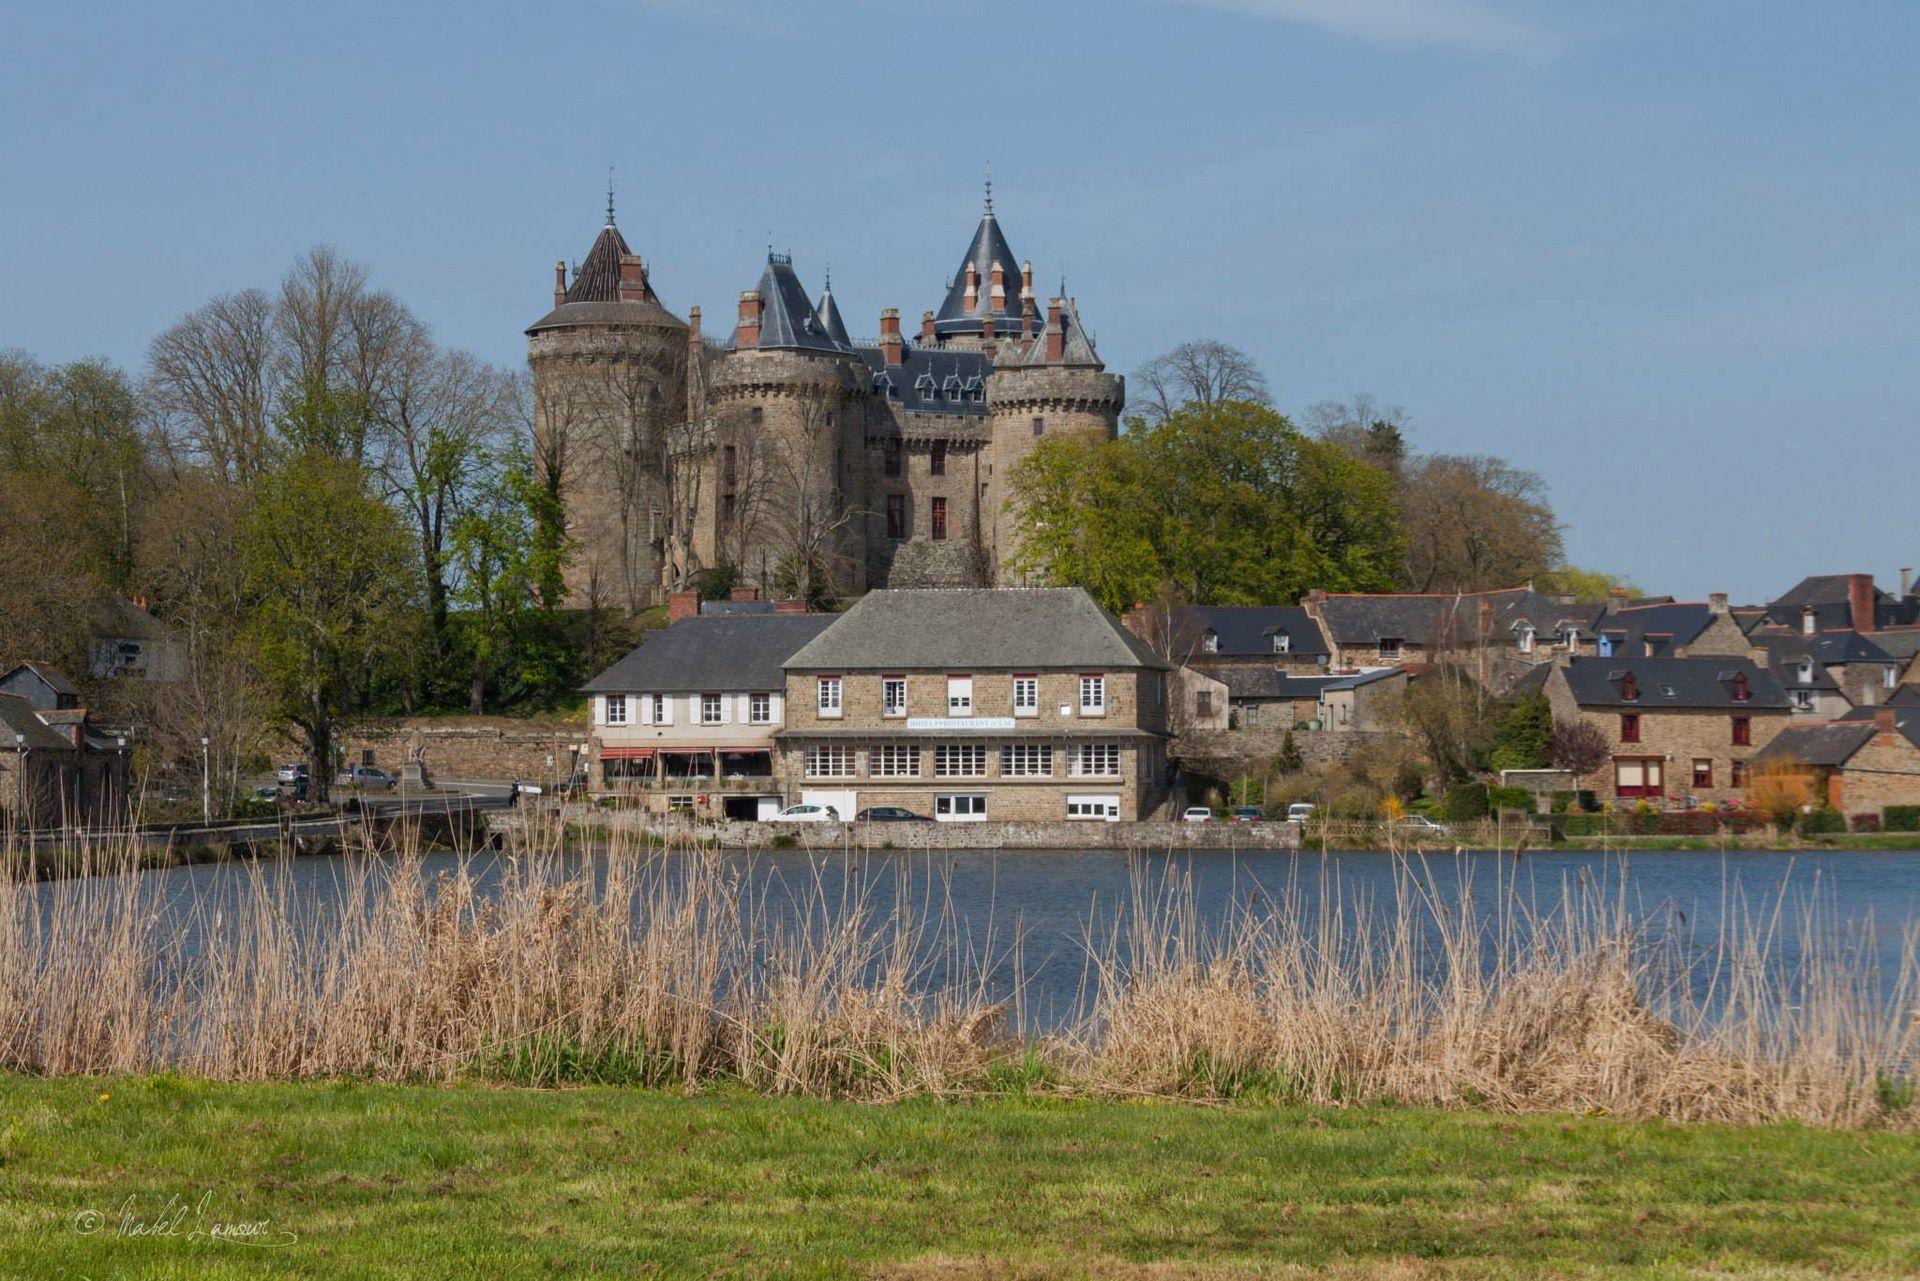 Fenomene paranormale la castelul din Combourg 2